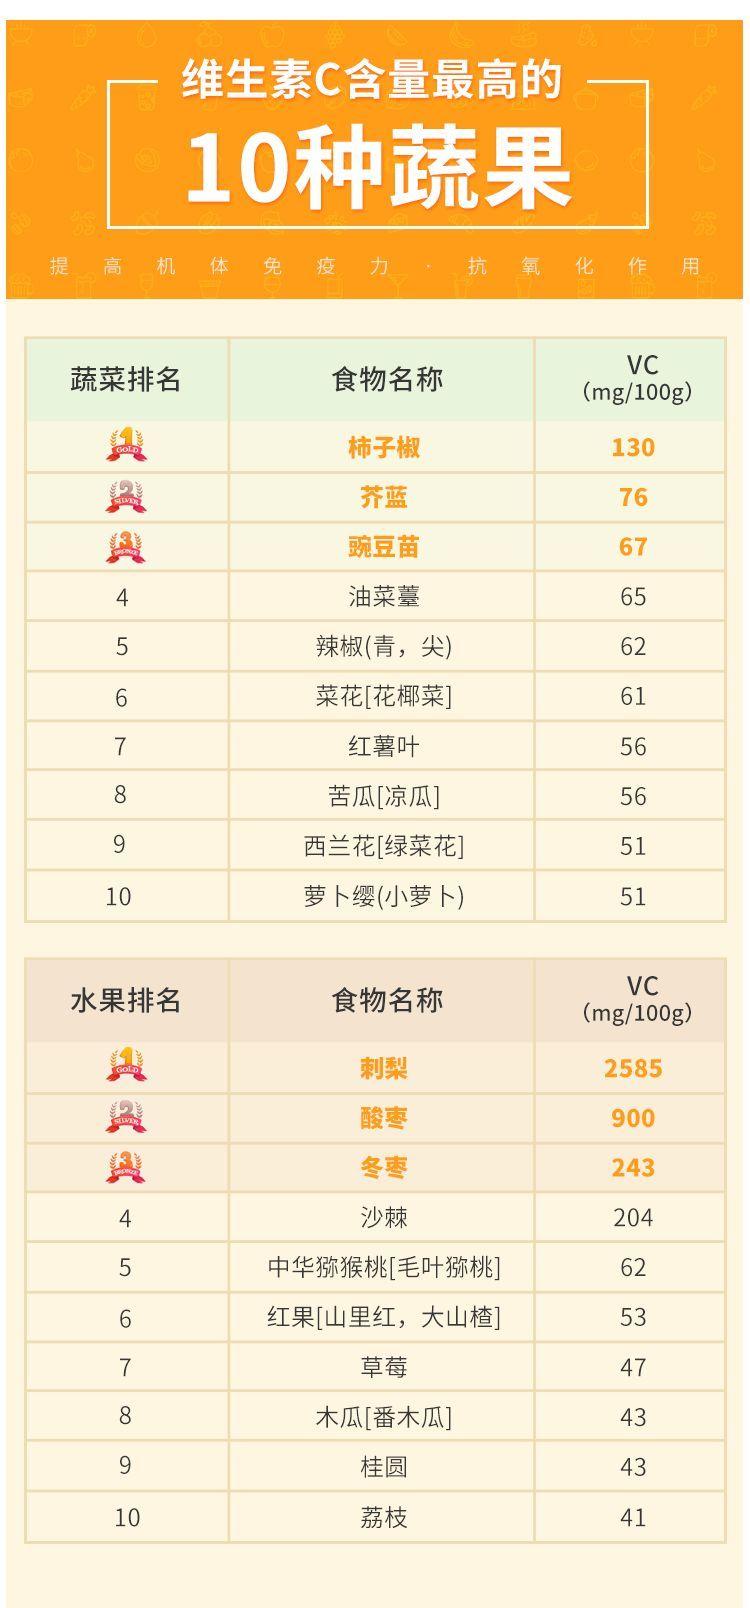 维生素C含量TOP10 | 十佳蔬果评选榜单·第二幕